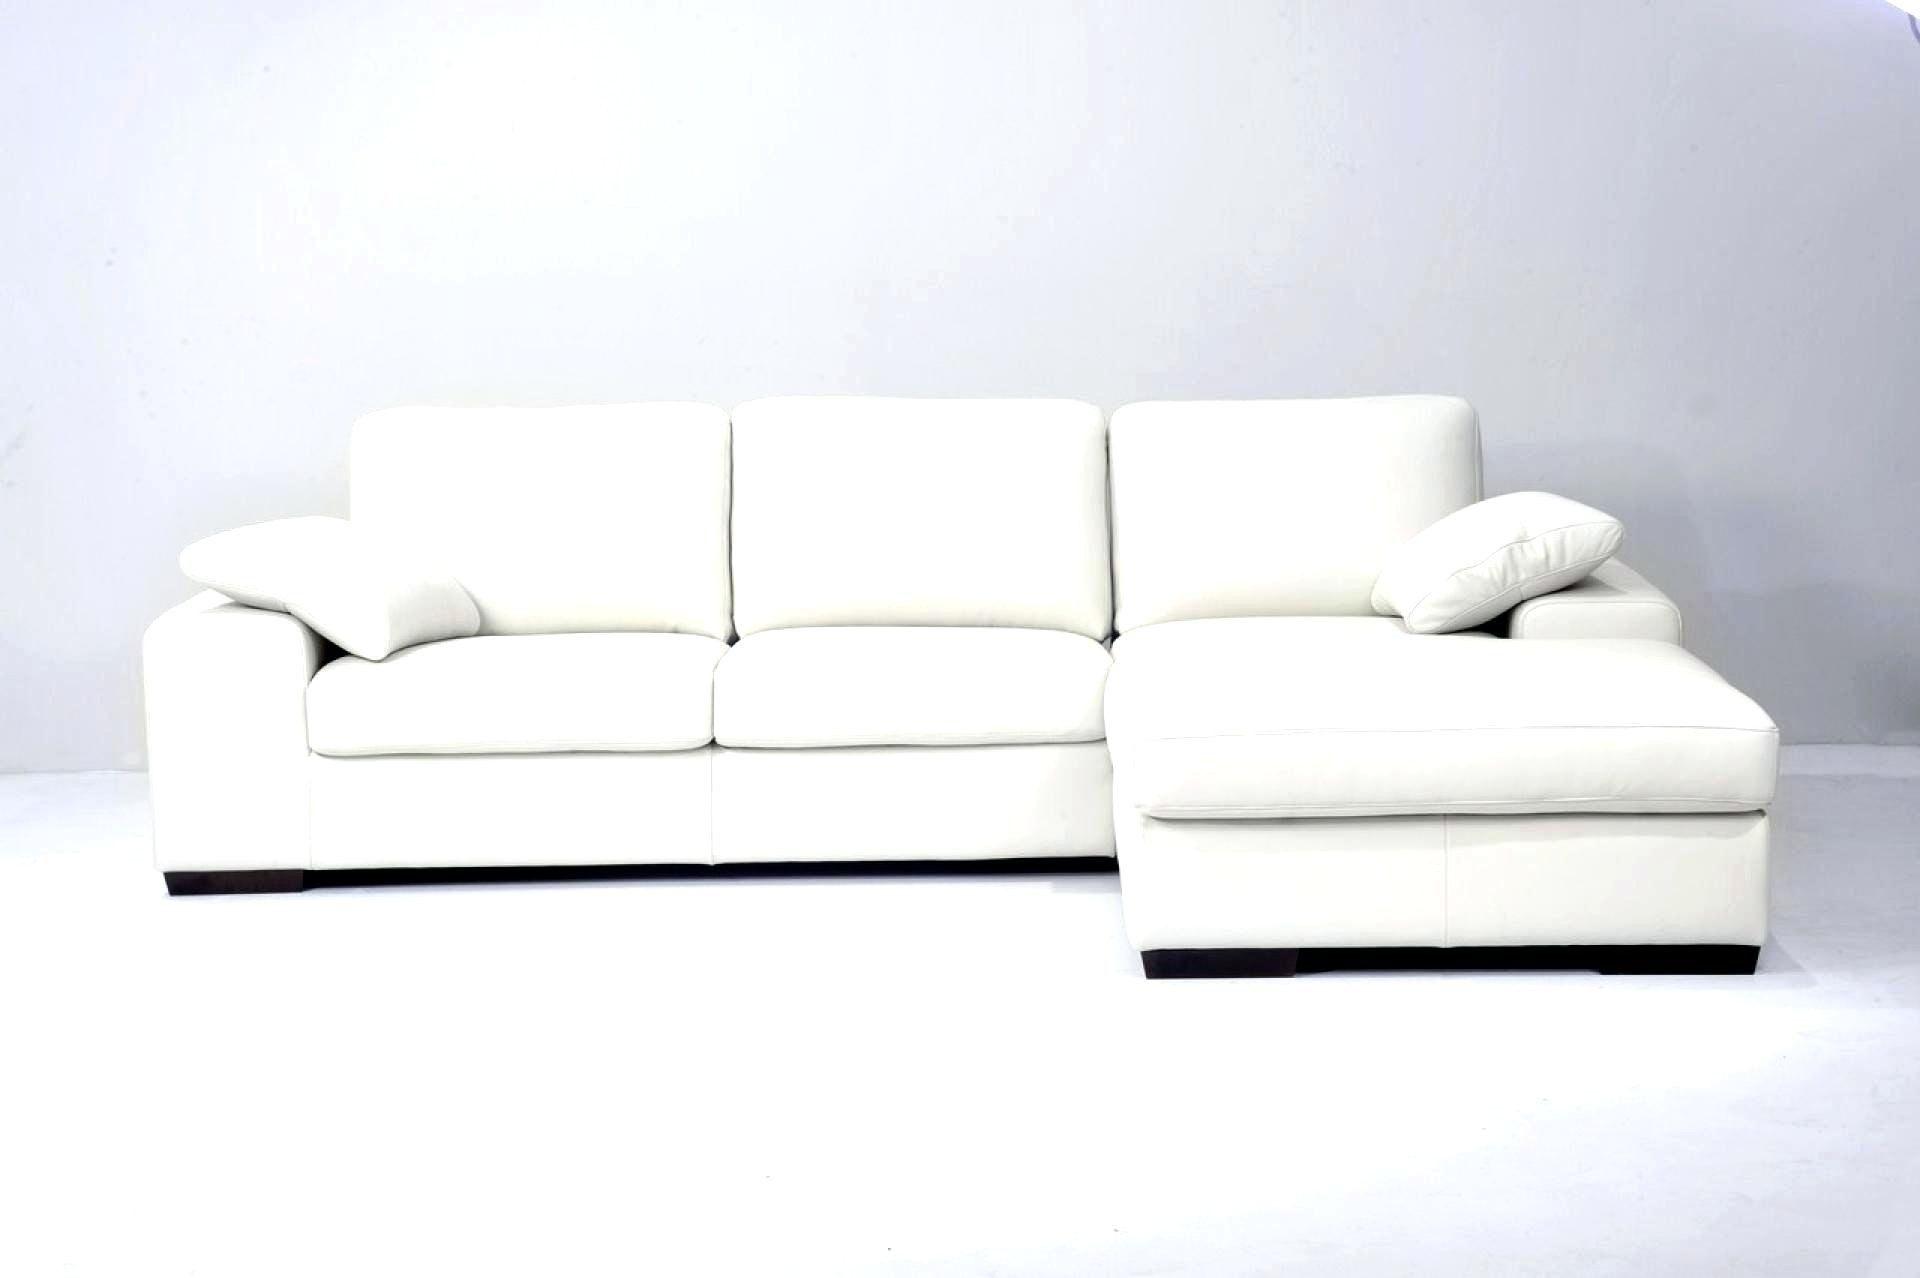 Lit Superposé 3 Personnes De Luxe Juste Canapé Lit Superposé Et Ikea Canap Lit Ma17 Hemnes Lit